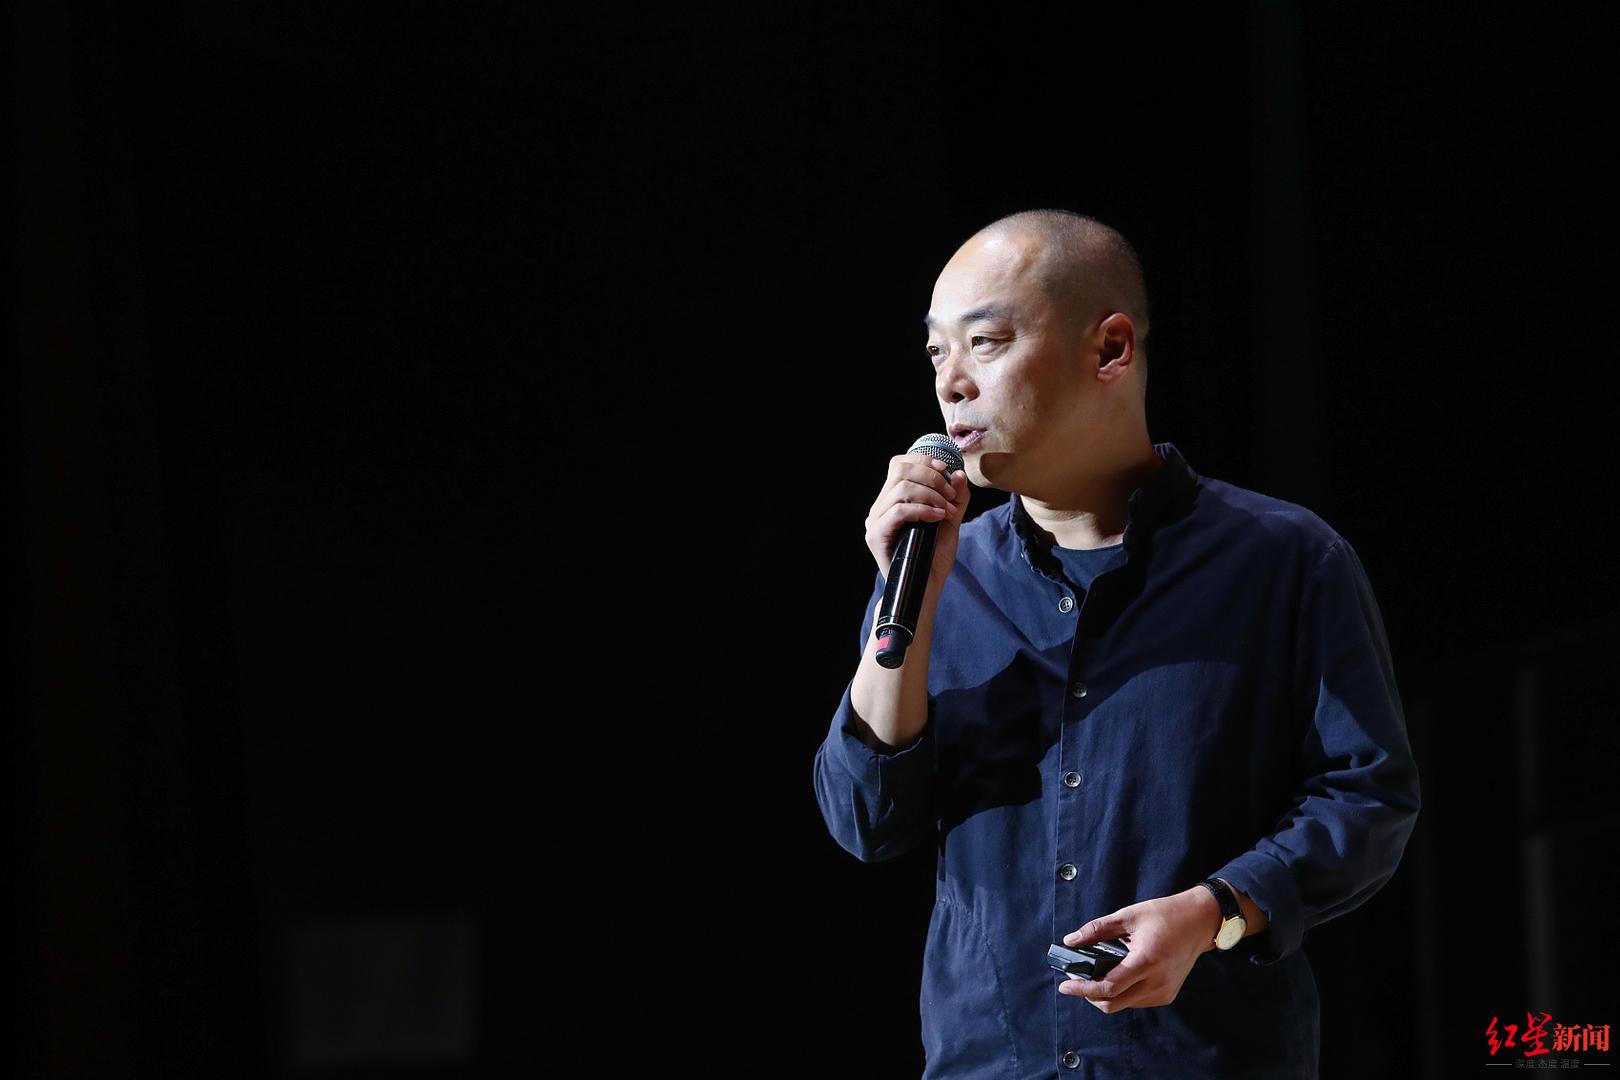 暴风集团创始人冯鑫涉嫌犯罪被采取强制措施